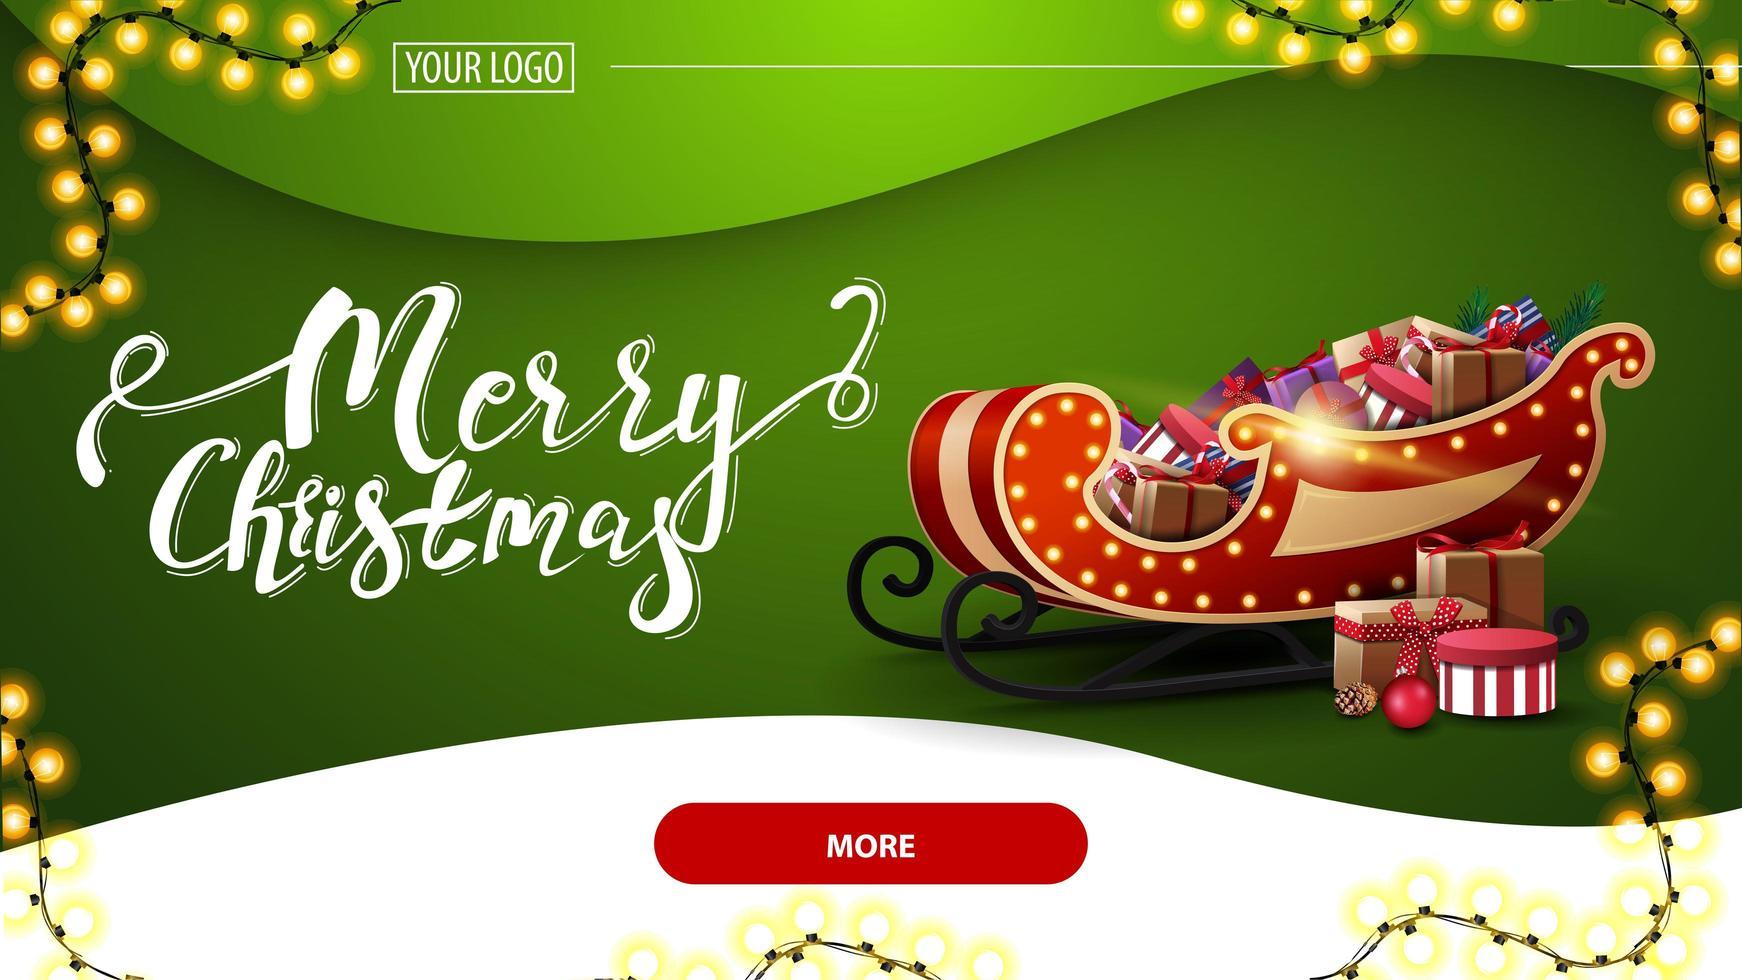 vrolijk kerstfeest, groene ansichtkaart met mooie letters, slinger, groene achtergrond, rode knop en kerstman met cadeautjes vector